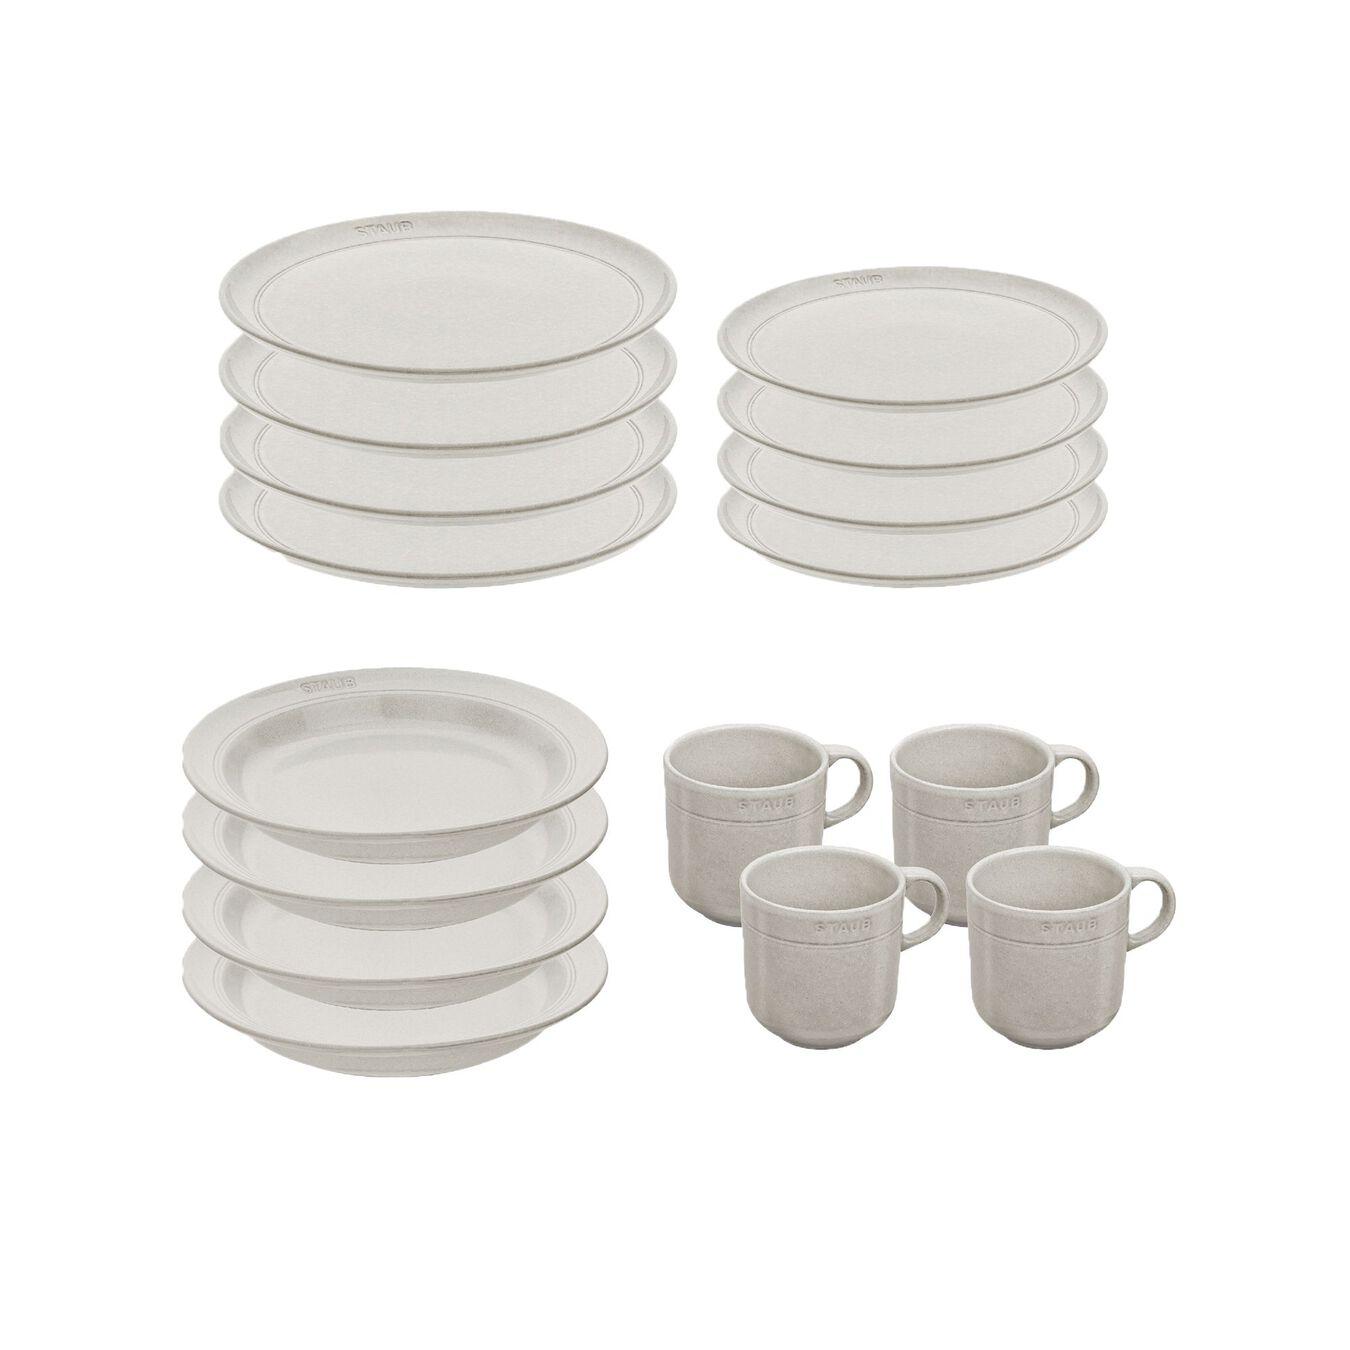 Set de service, 16-pcs   White Truffle   Ceramic   Ceramic,,large 2